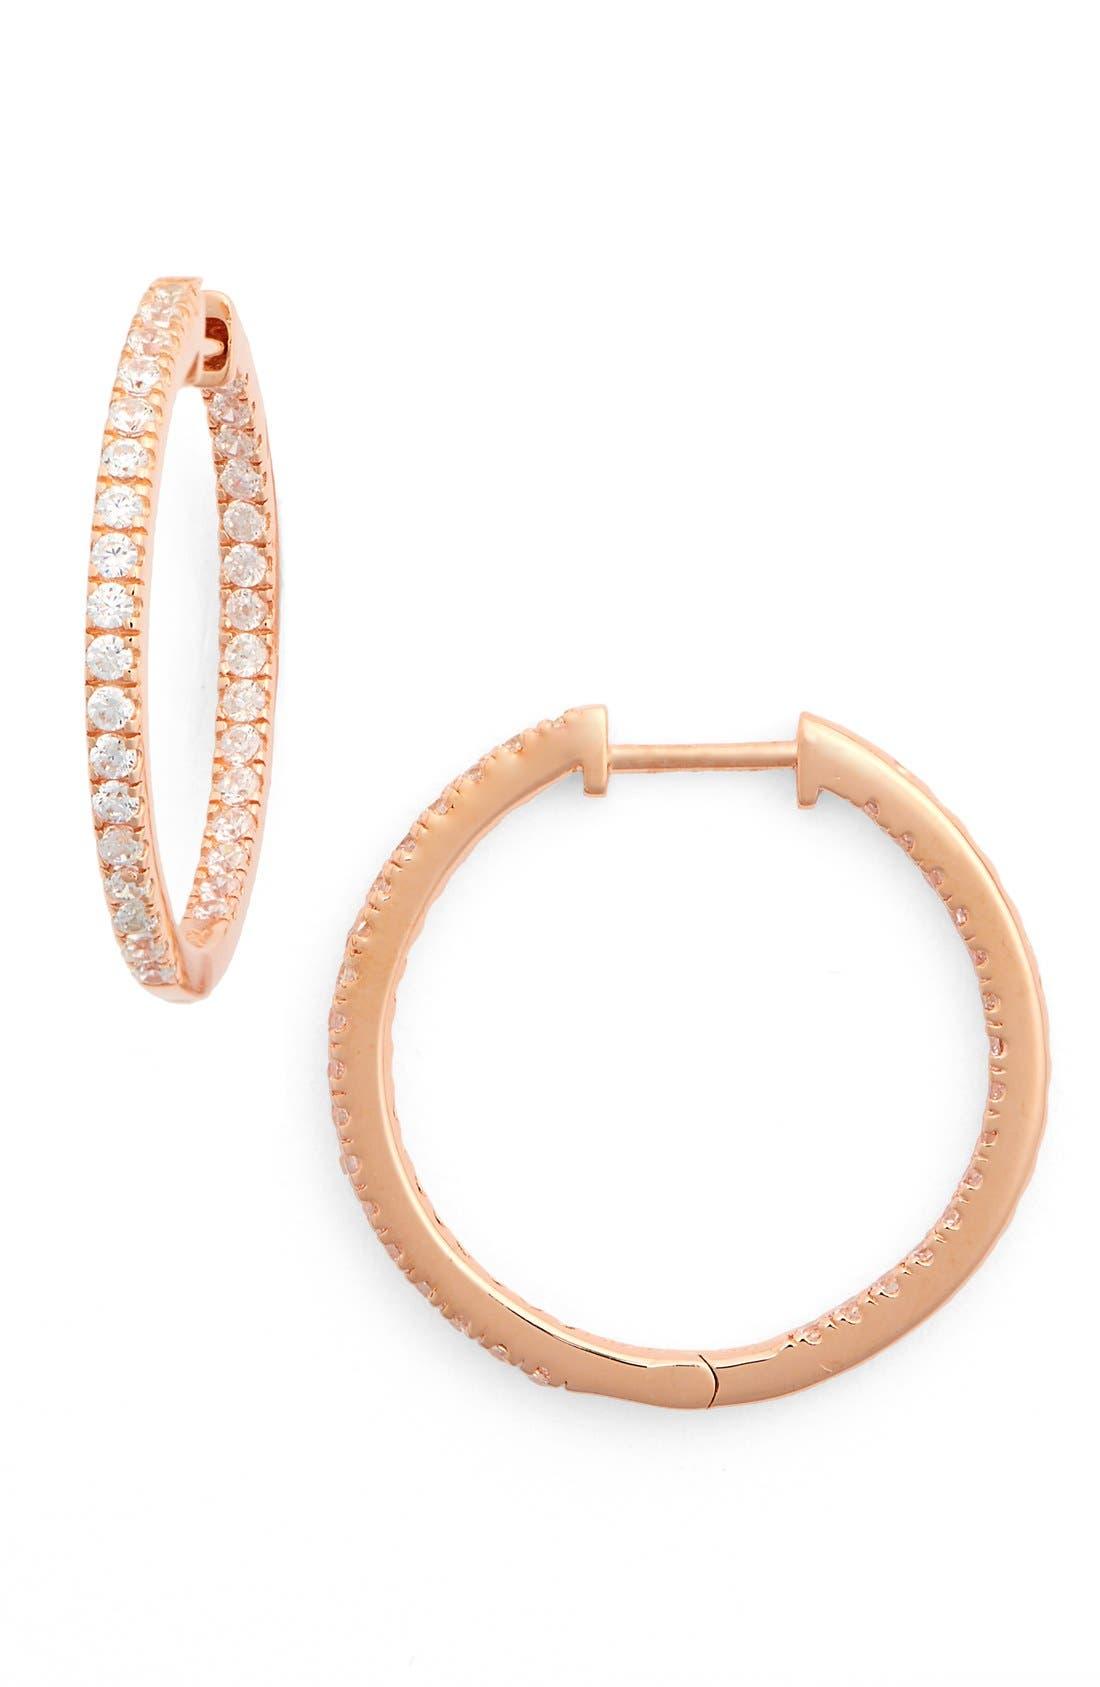 Nordstrom Inside Out Hoop Earrings